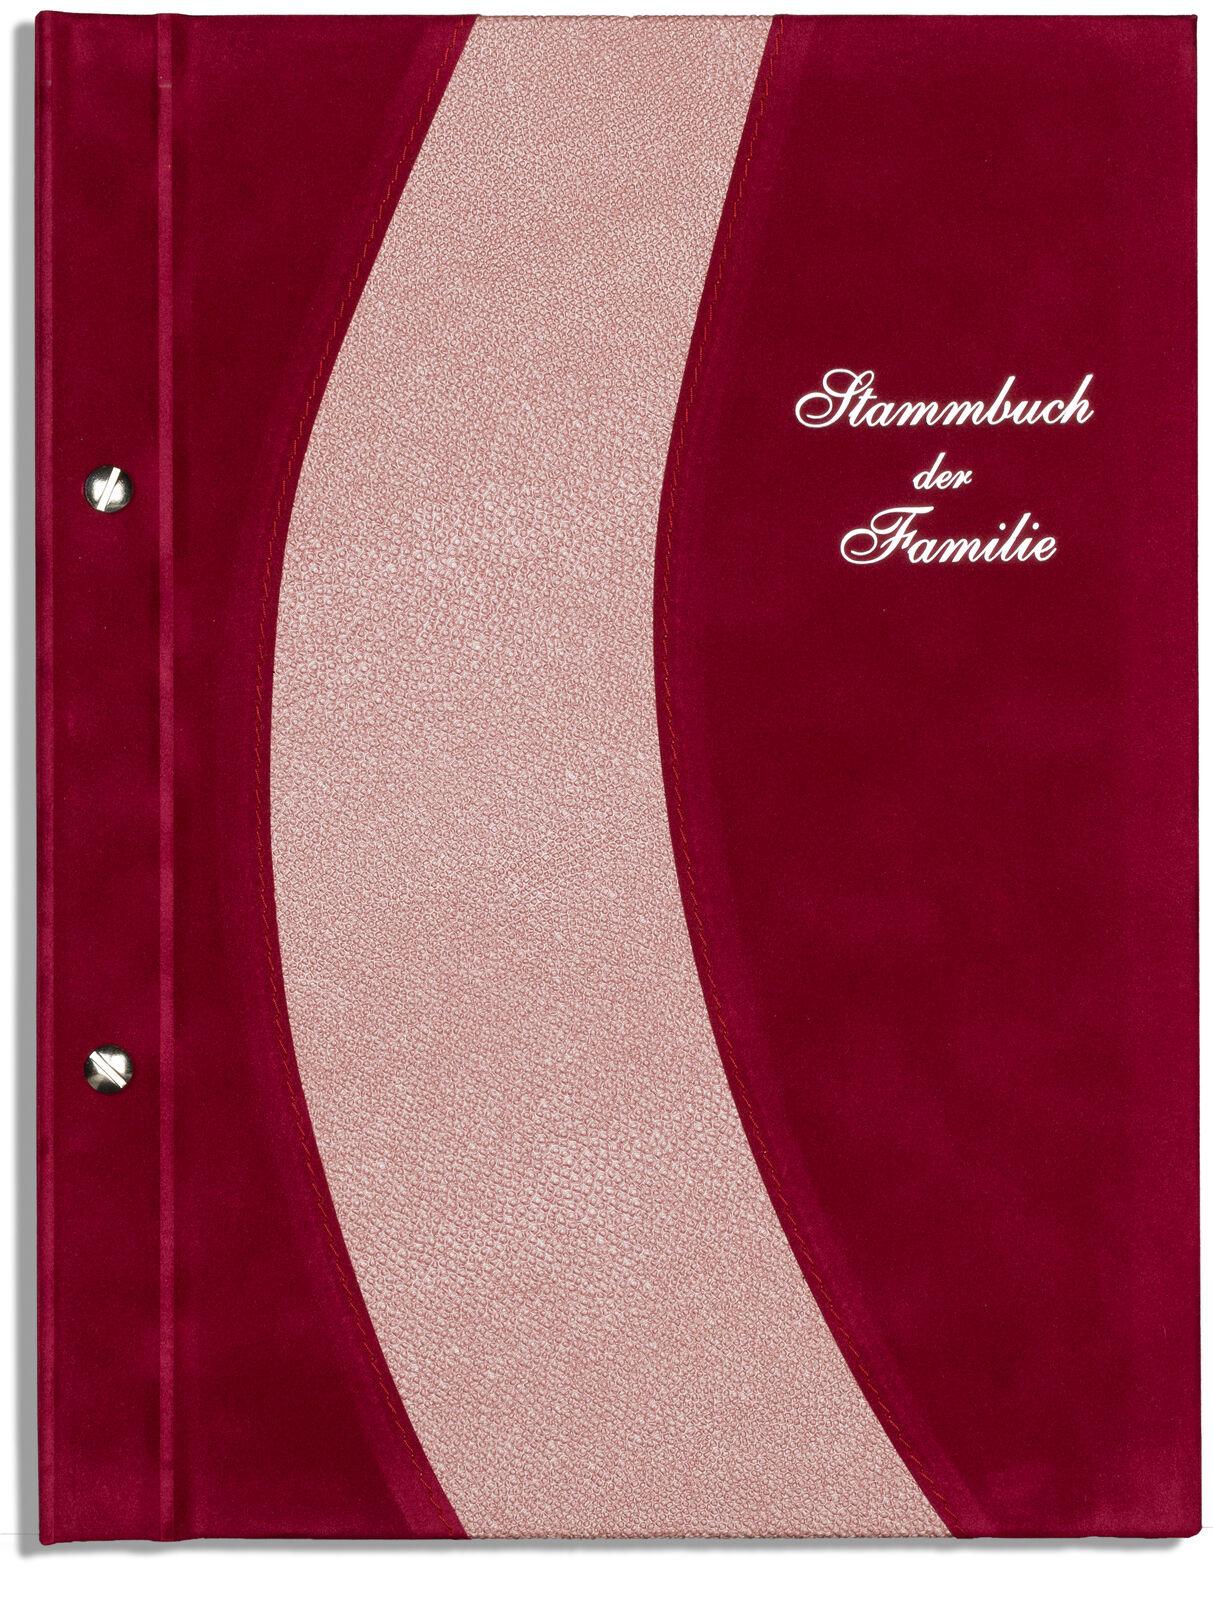 Din A4 Stammbuch der Familie Ousi, Granatapfelsamt, Rosa Leder, Stammbücher | Qualifizierte Herstellung  | Haltbar  | Outlet